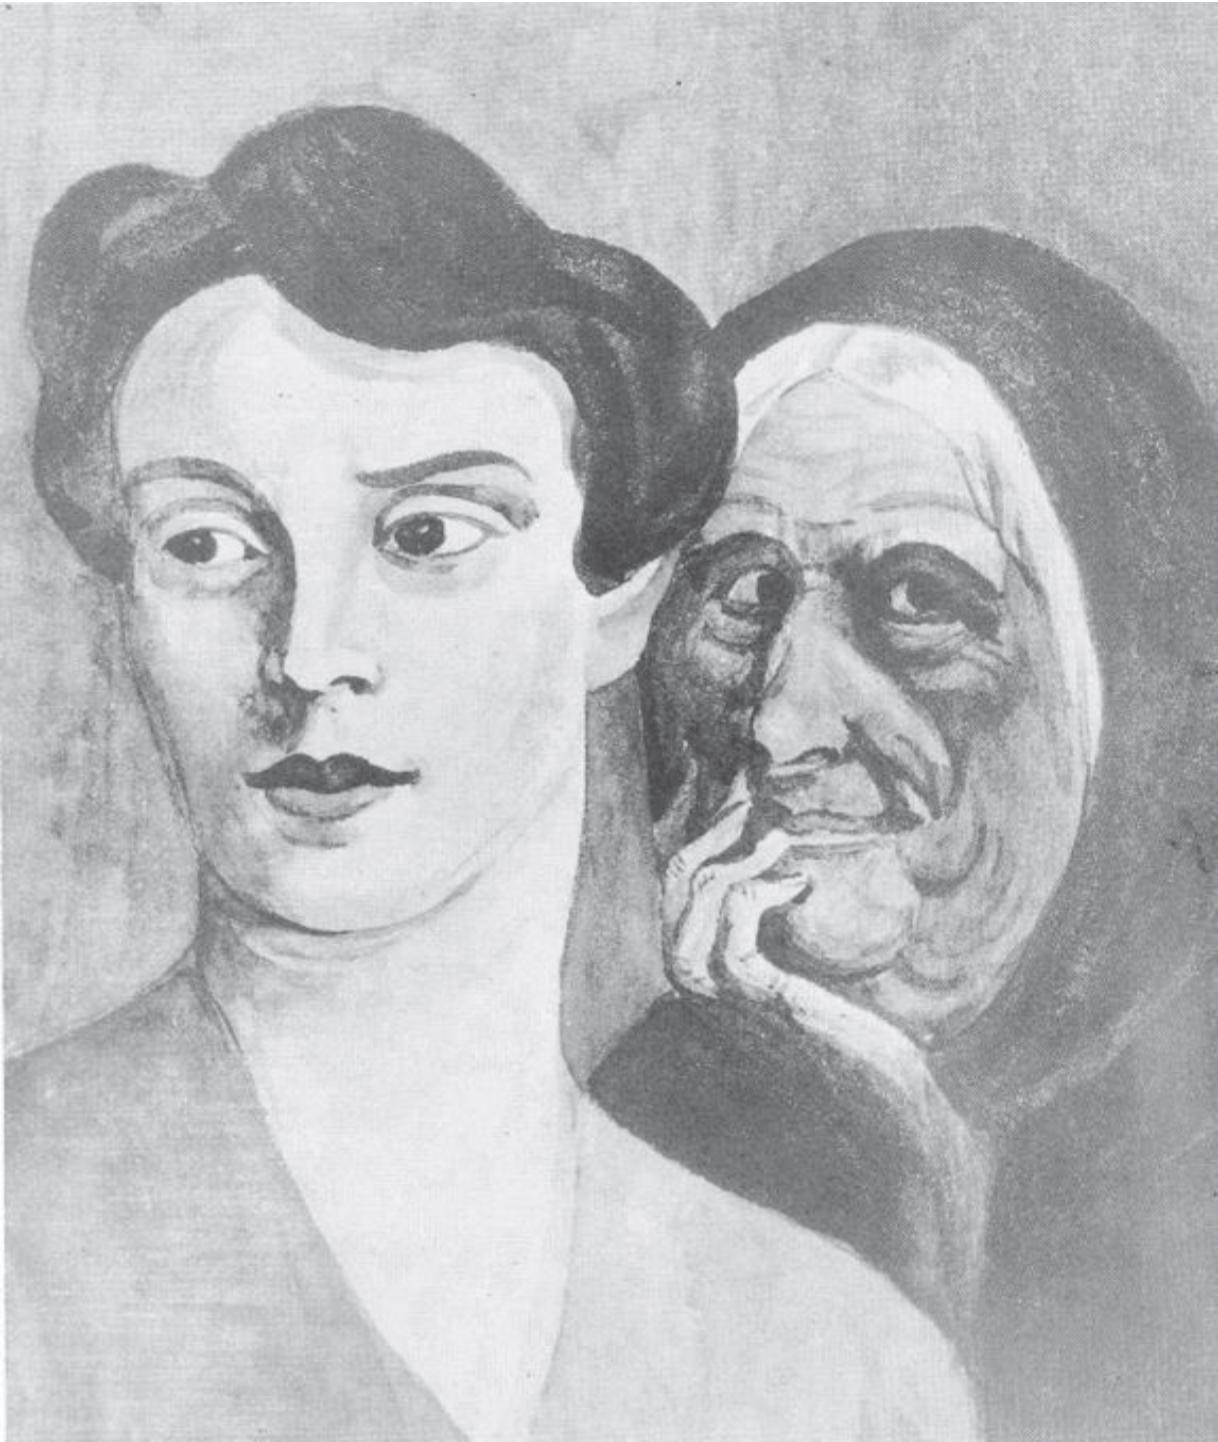 درکِ گذشتهشخصیِمان در تفسیرهایی که از تصاویرِ مبهم داریم: هِنری موری، آزمونِ درکِ شخصی، ۱۹۴۳.